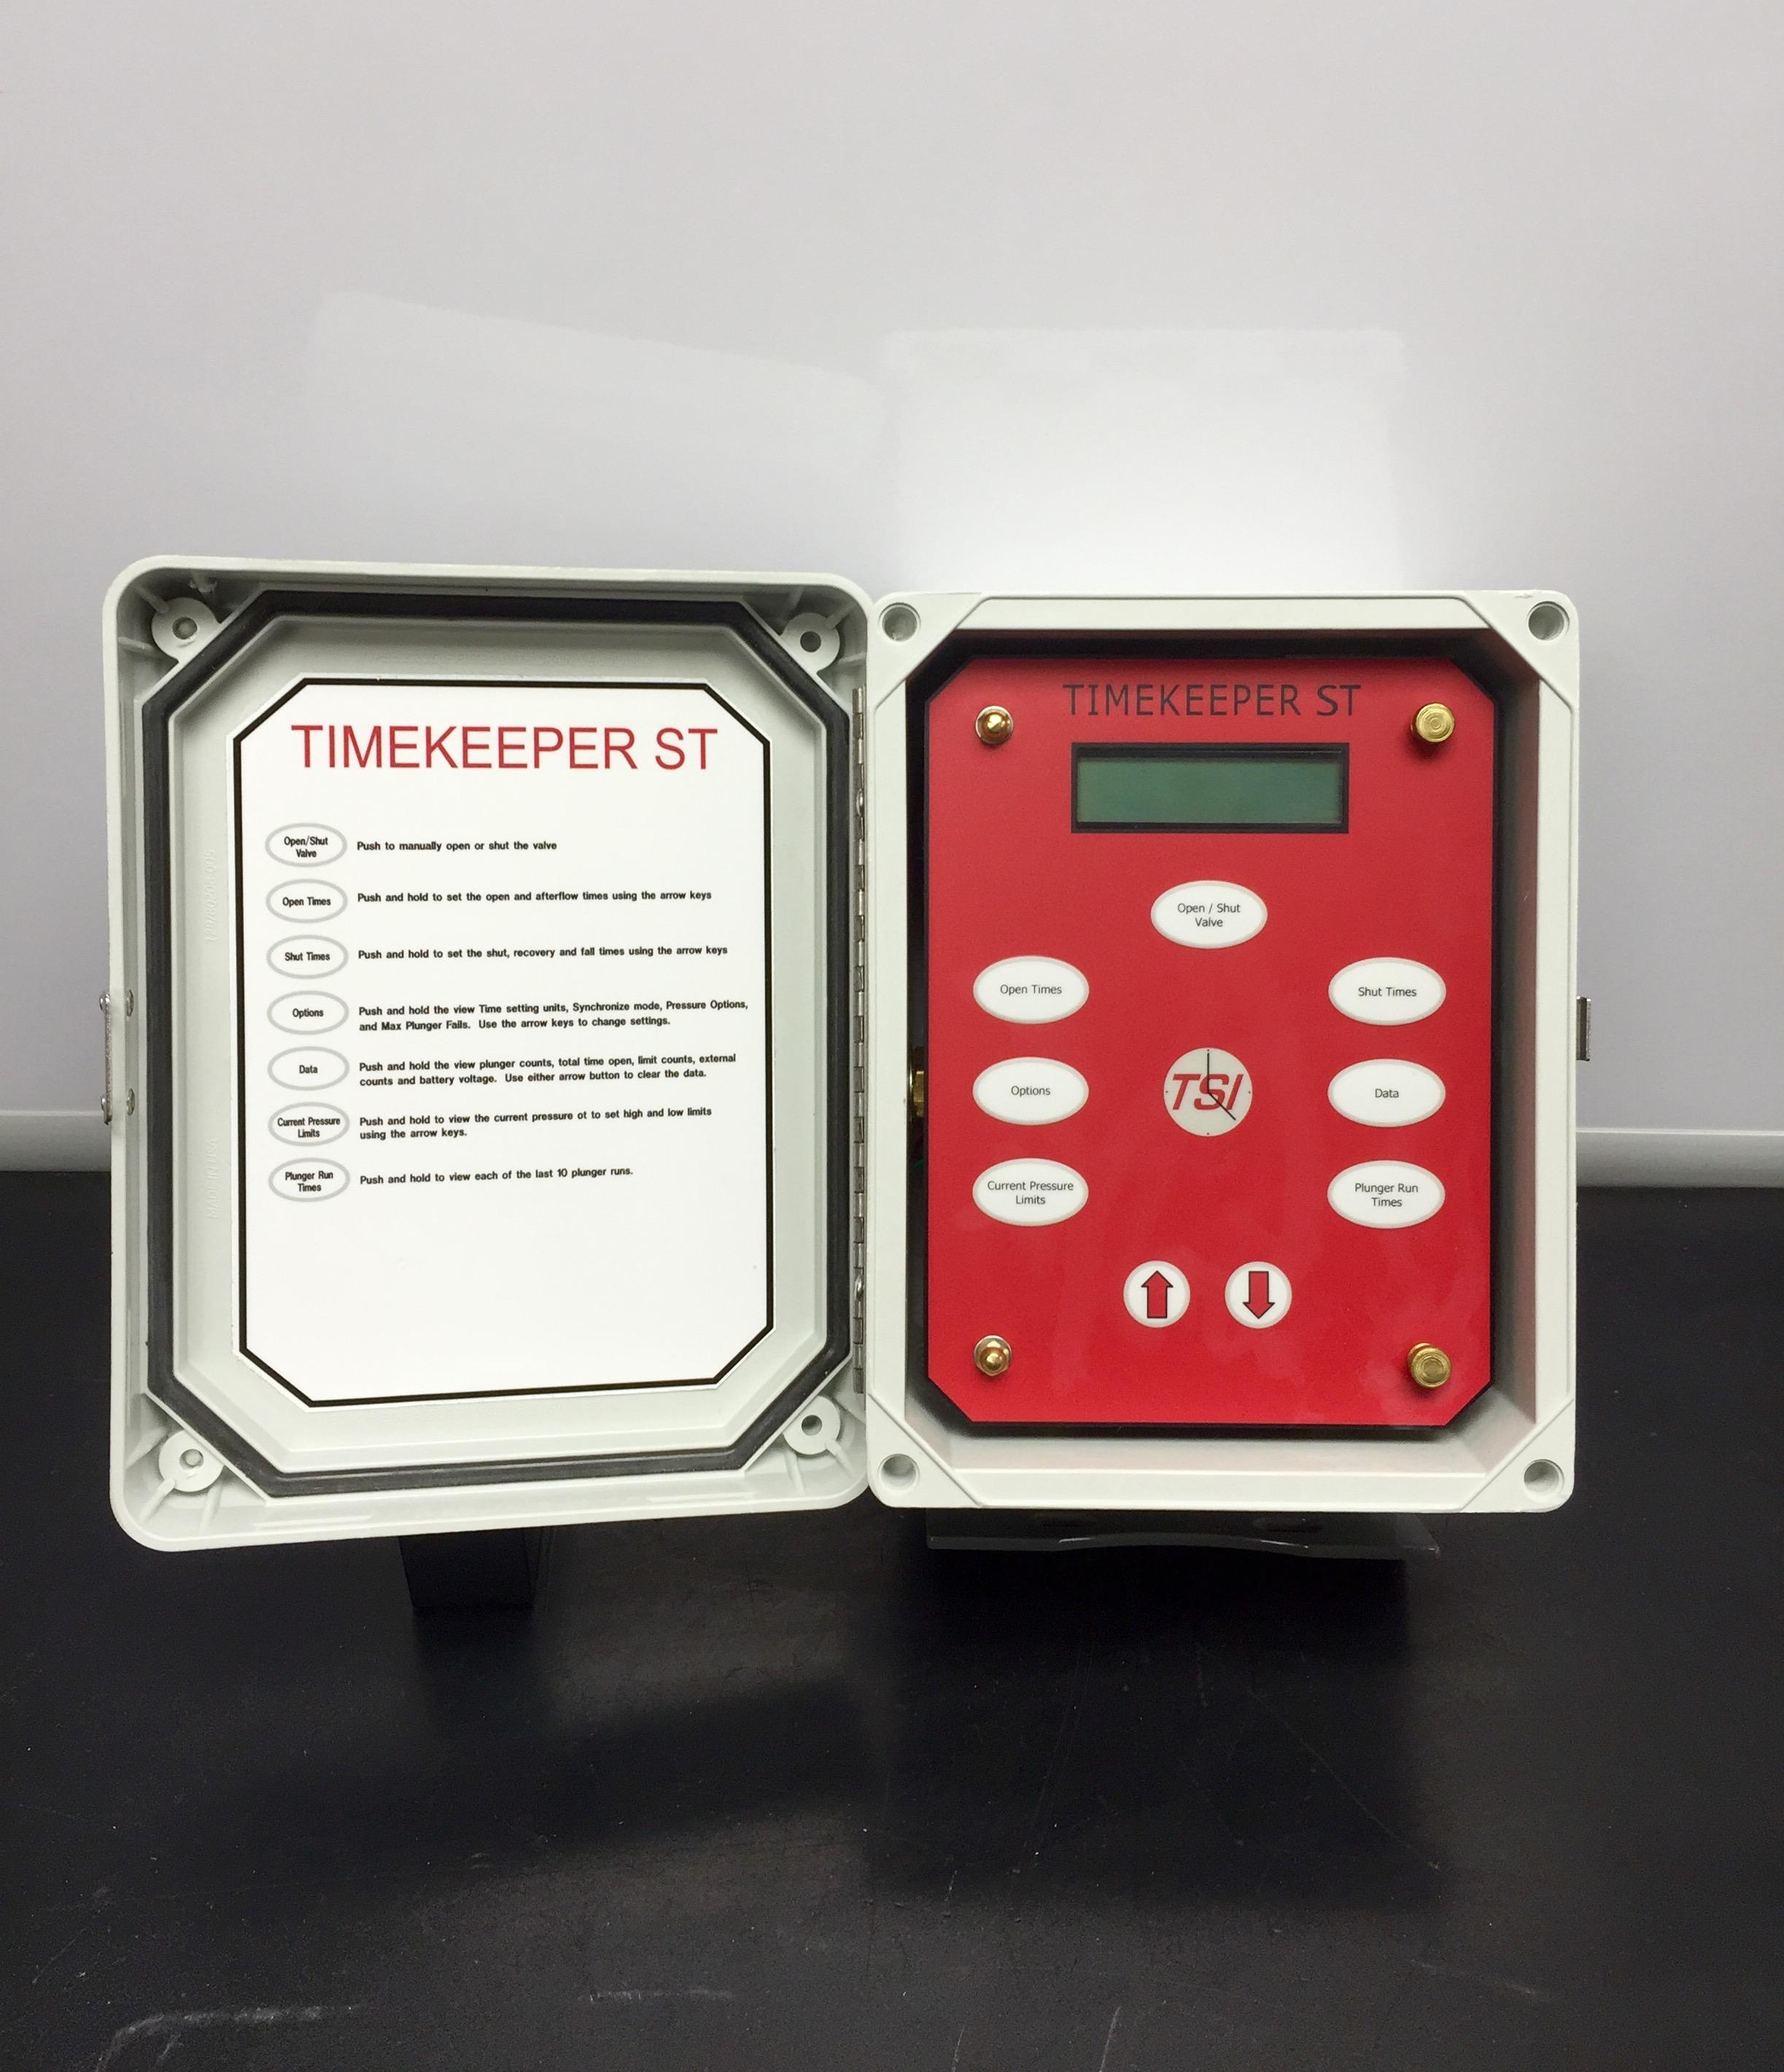 Timekeeper ST